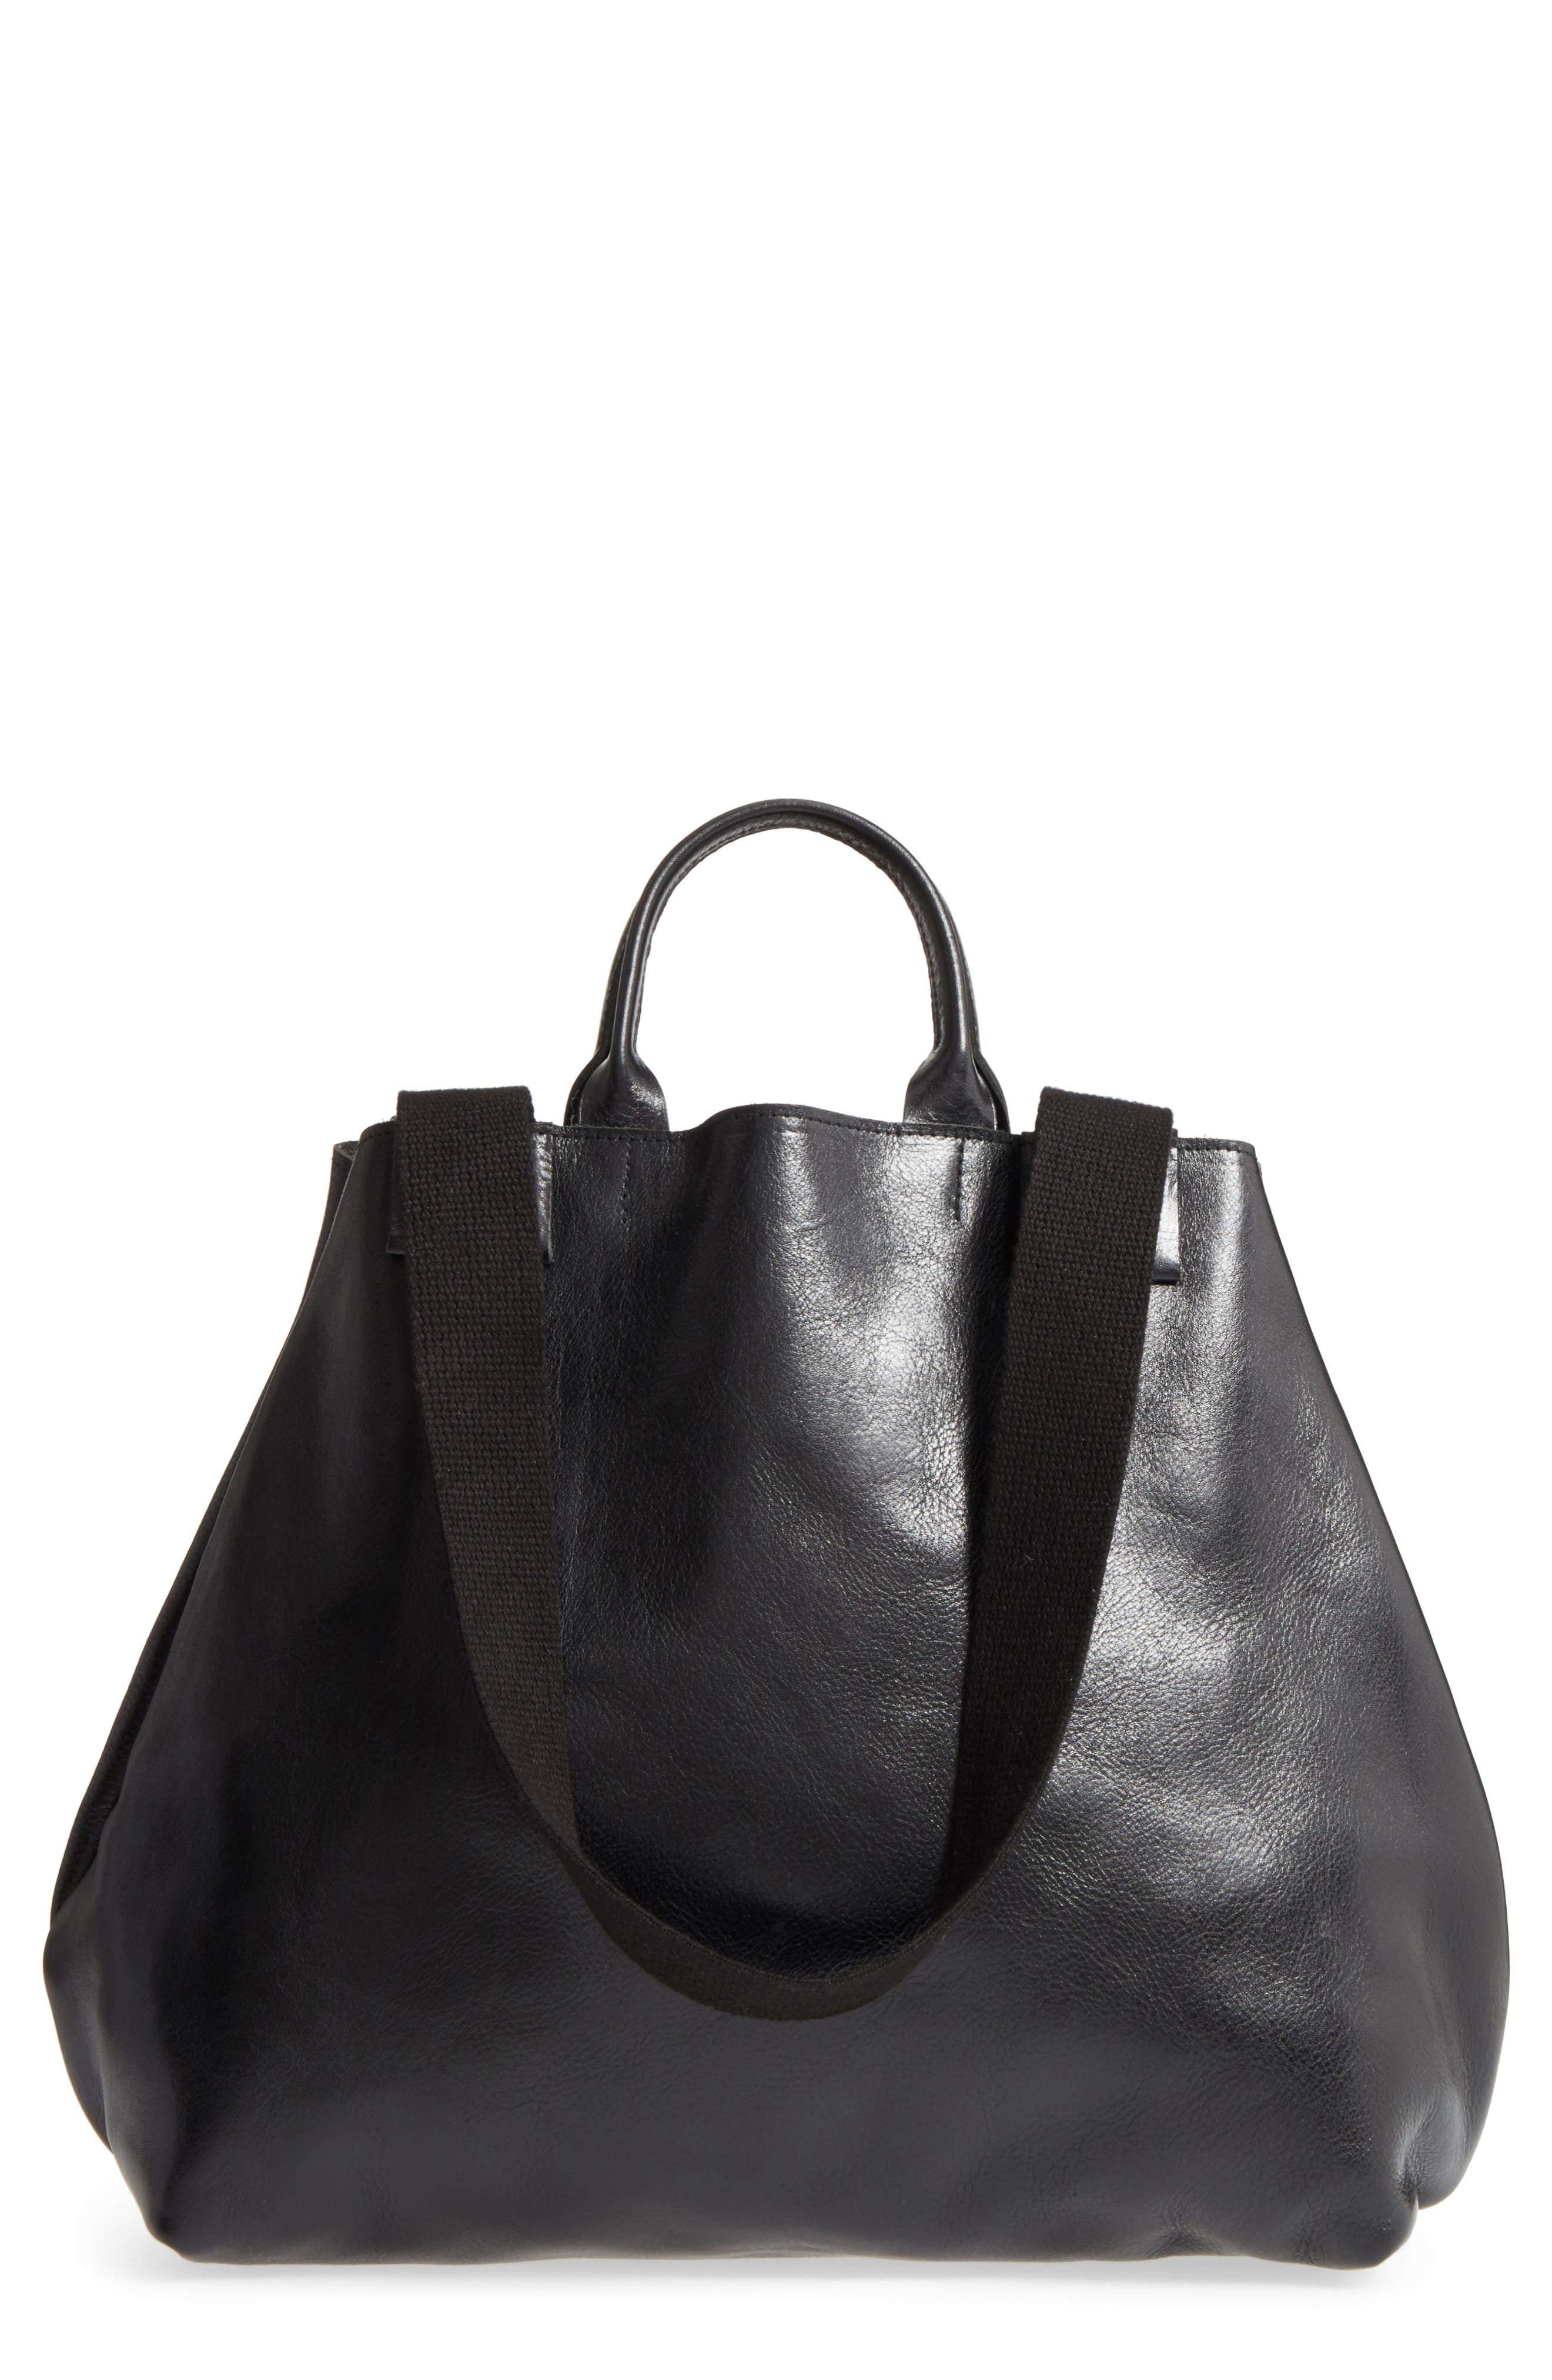 Clare V. Le Big Sac Leather Tote